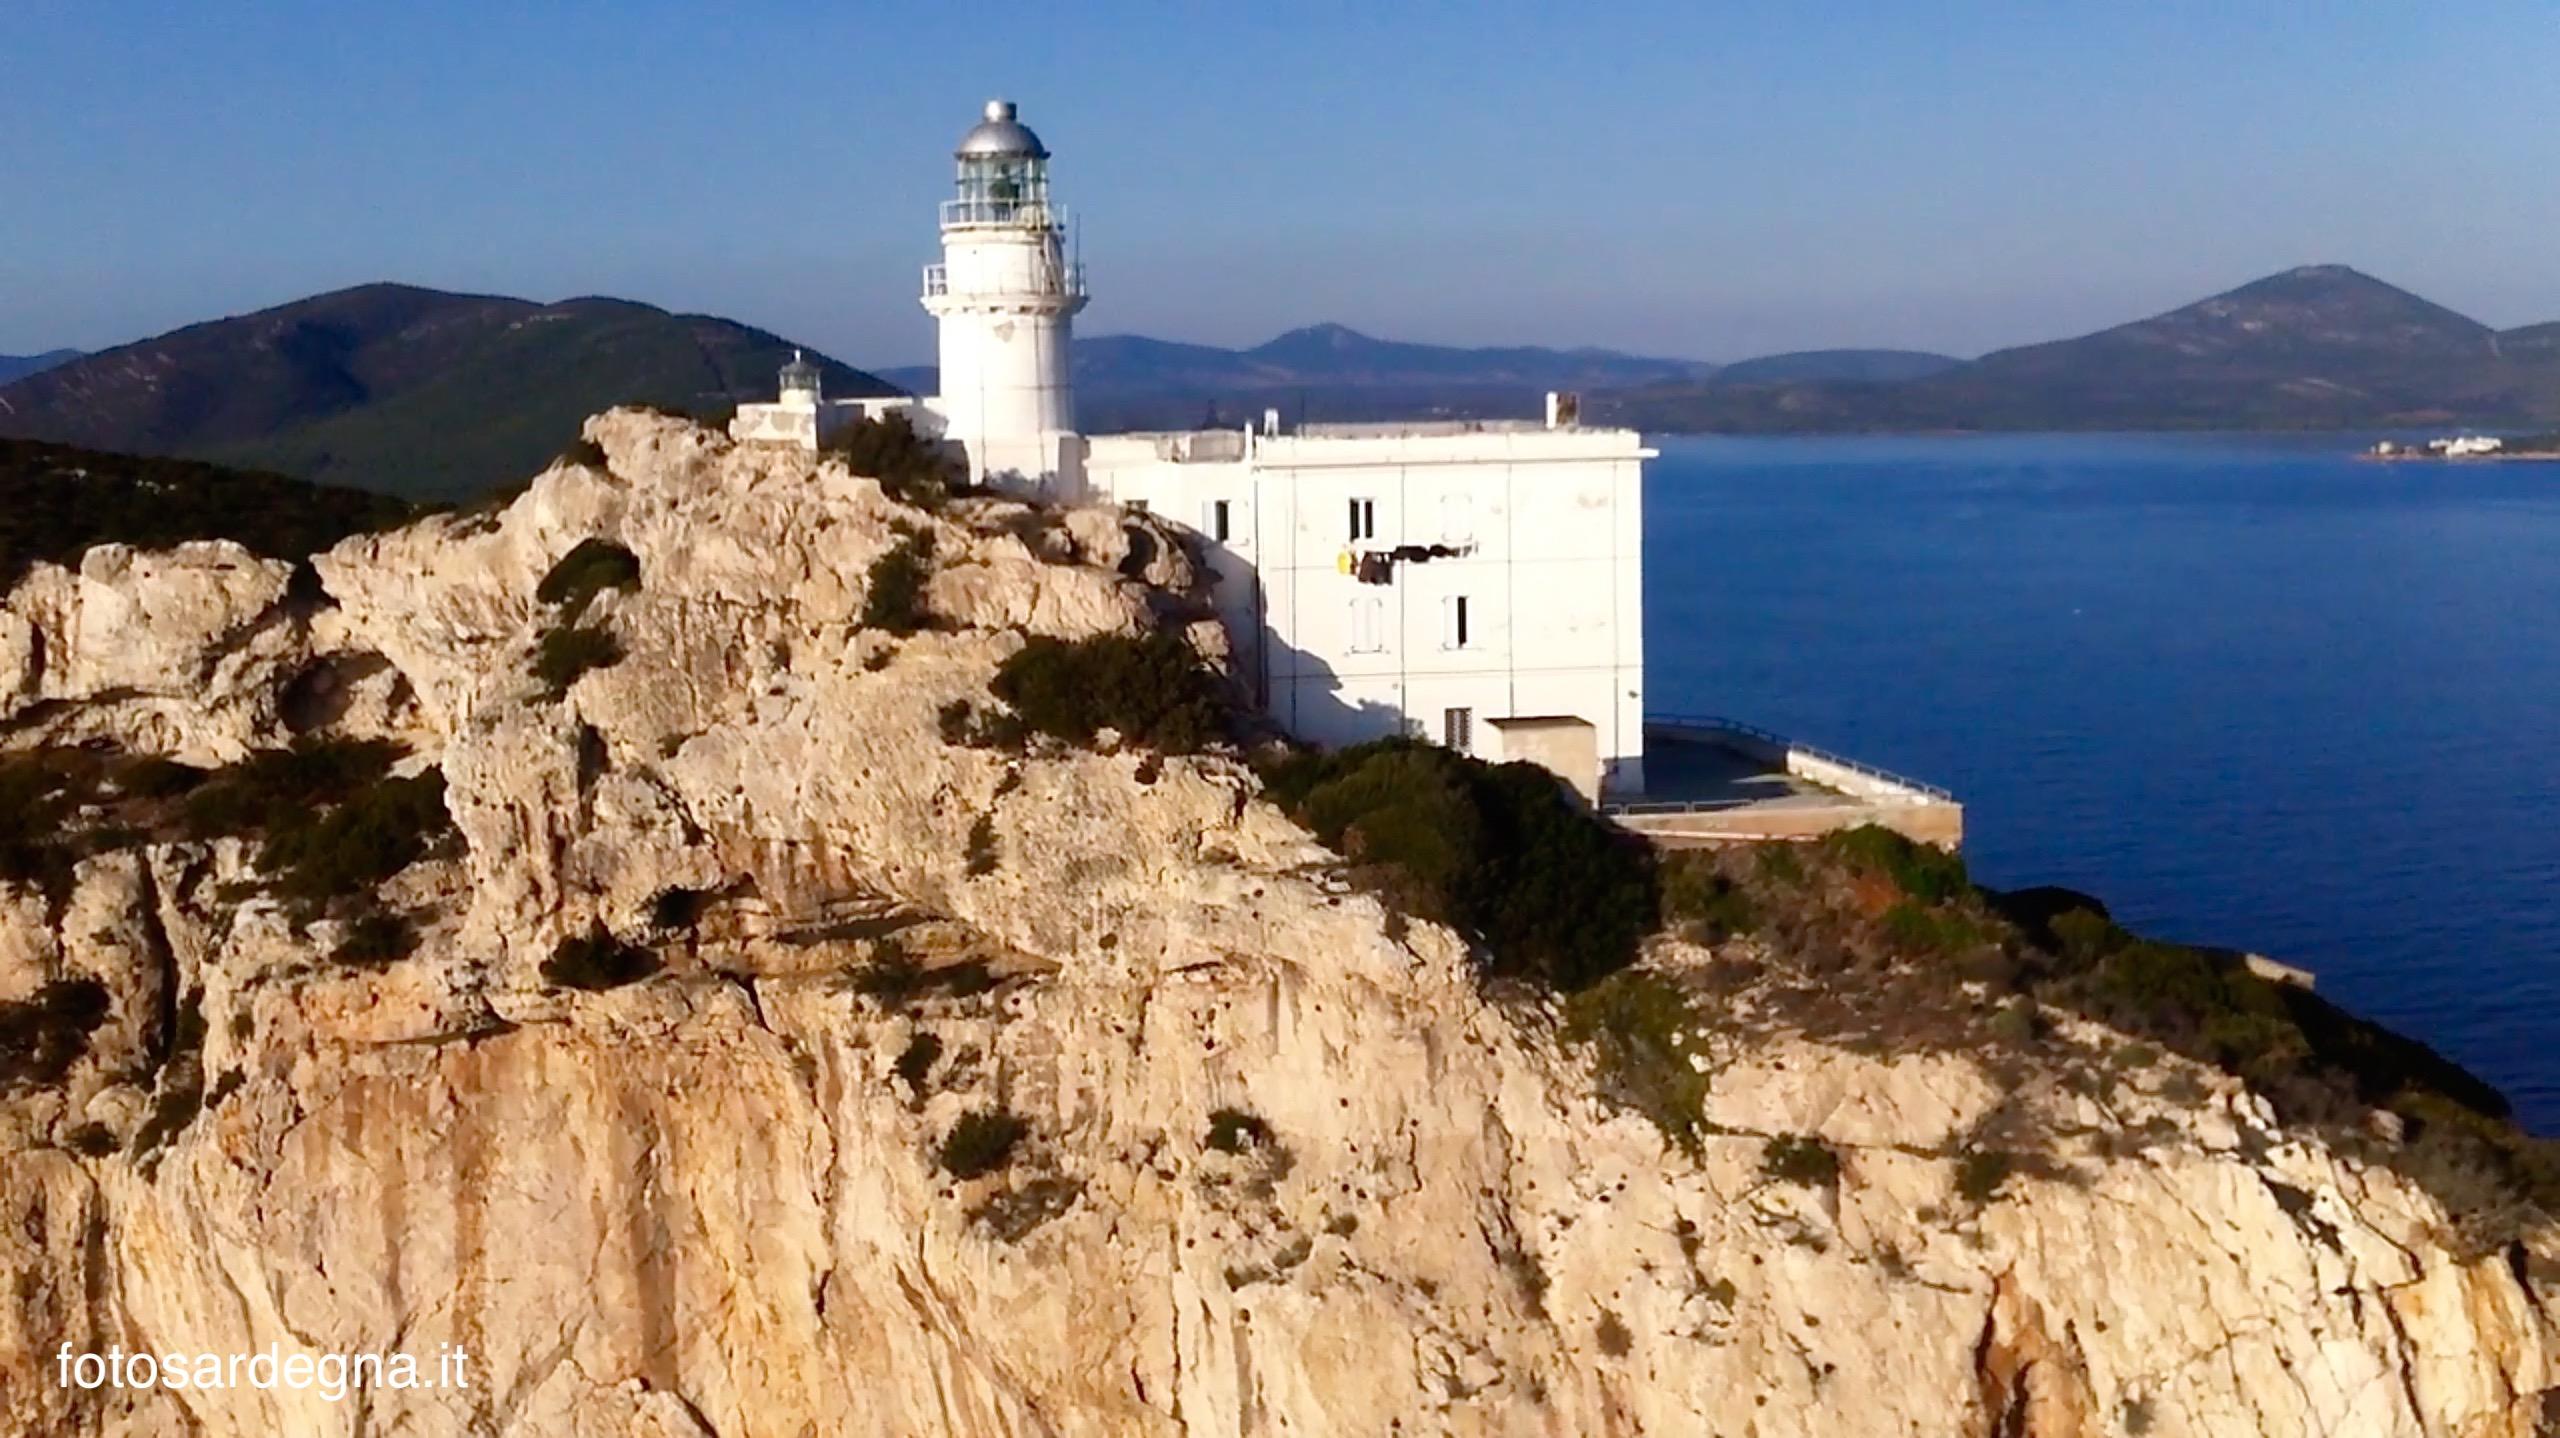 Faro di Capo Caccia, la cui luce è posta a 186 metri sul mare.